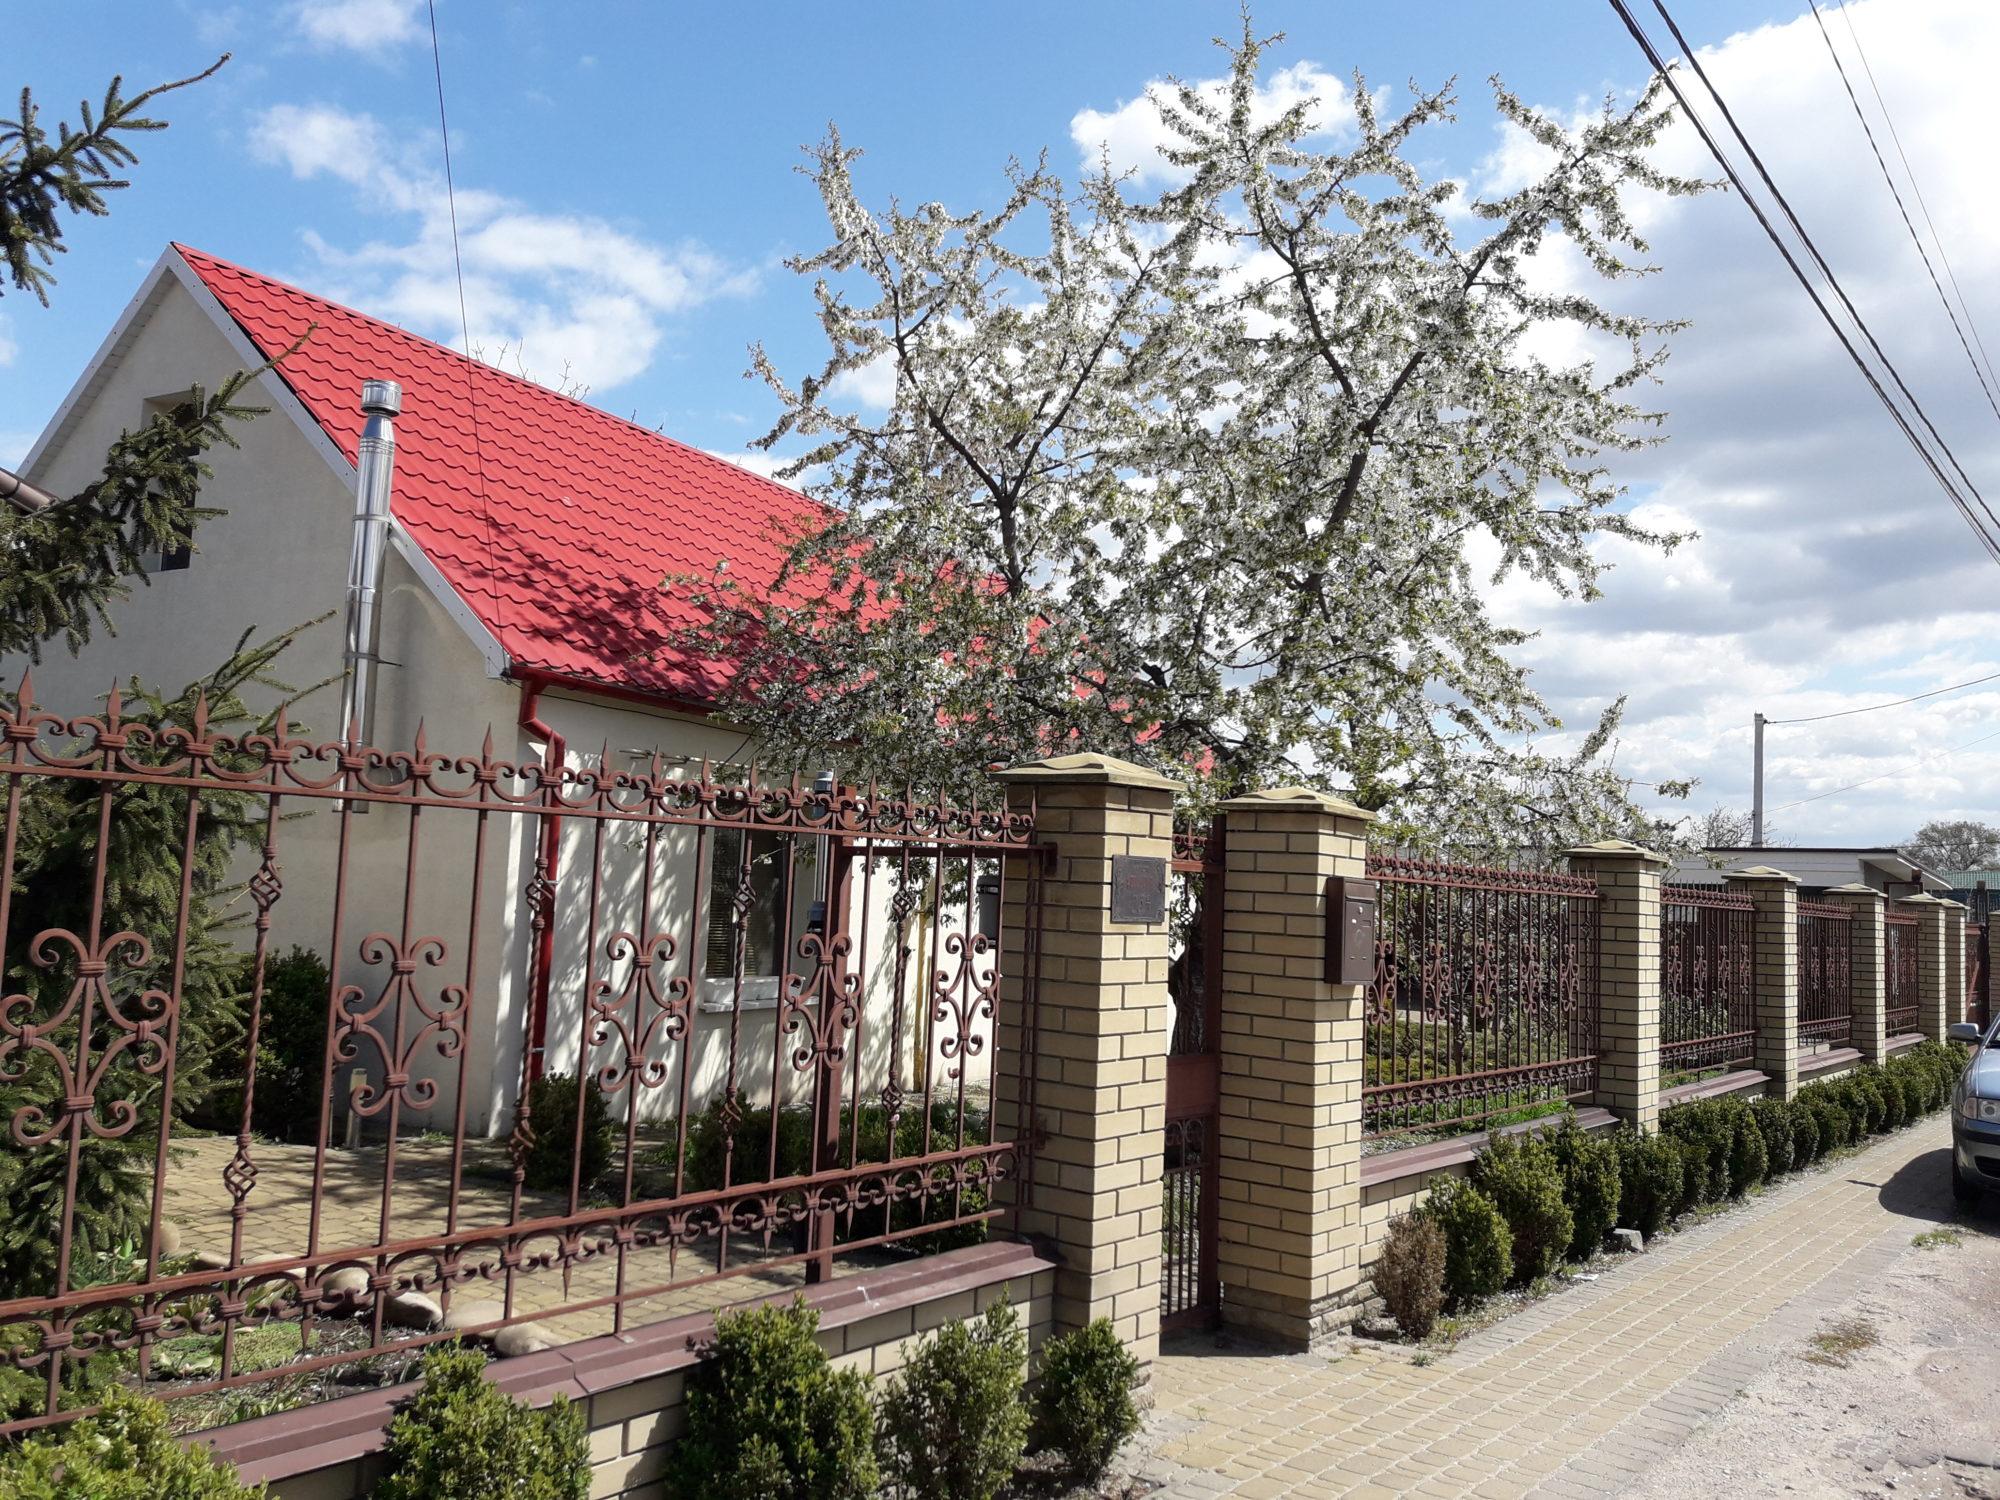 Ірпінь квітне: у місті настає пік цвітіння дерев та кущів (ФОТО) -  - 20200427 121800 2000x1500